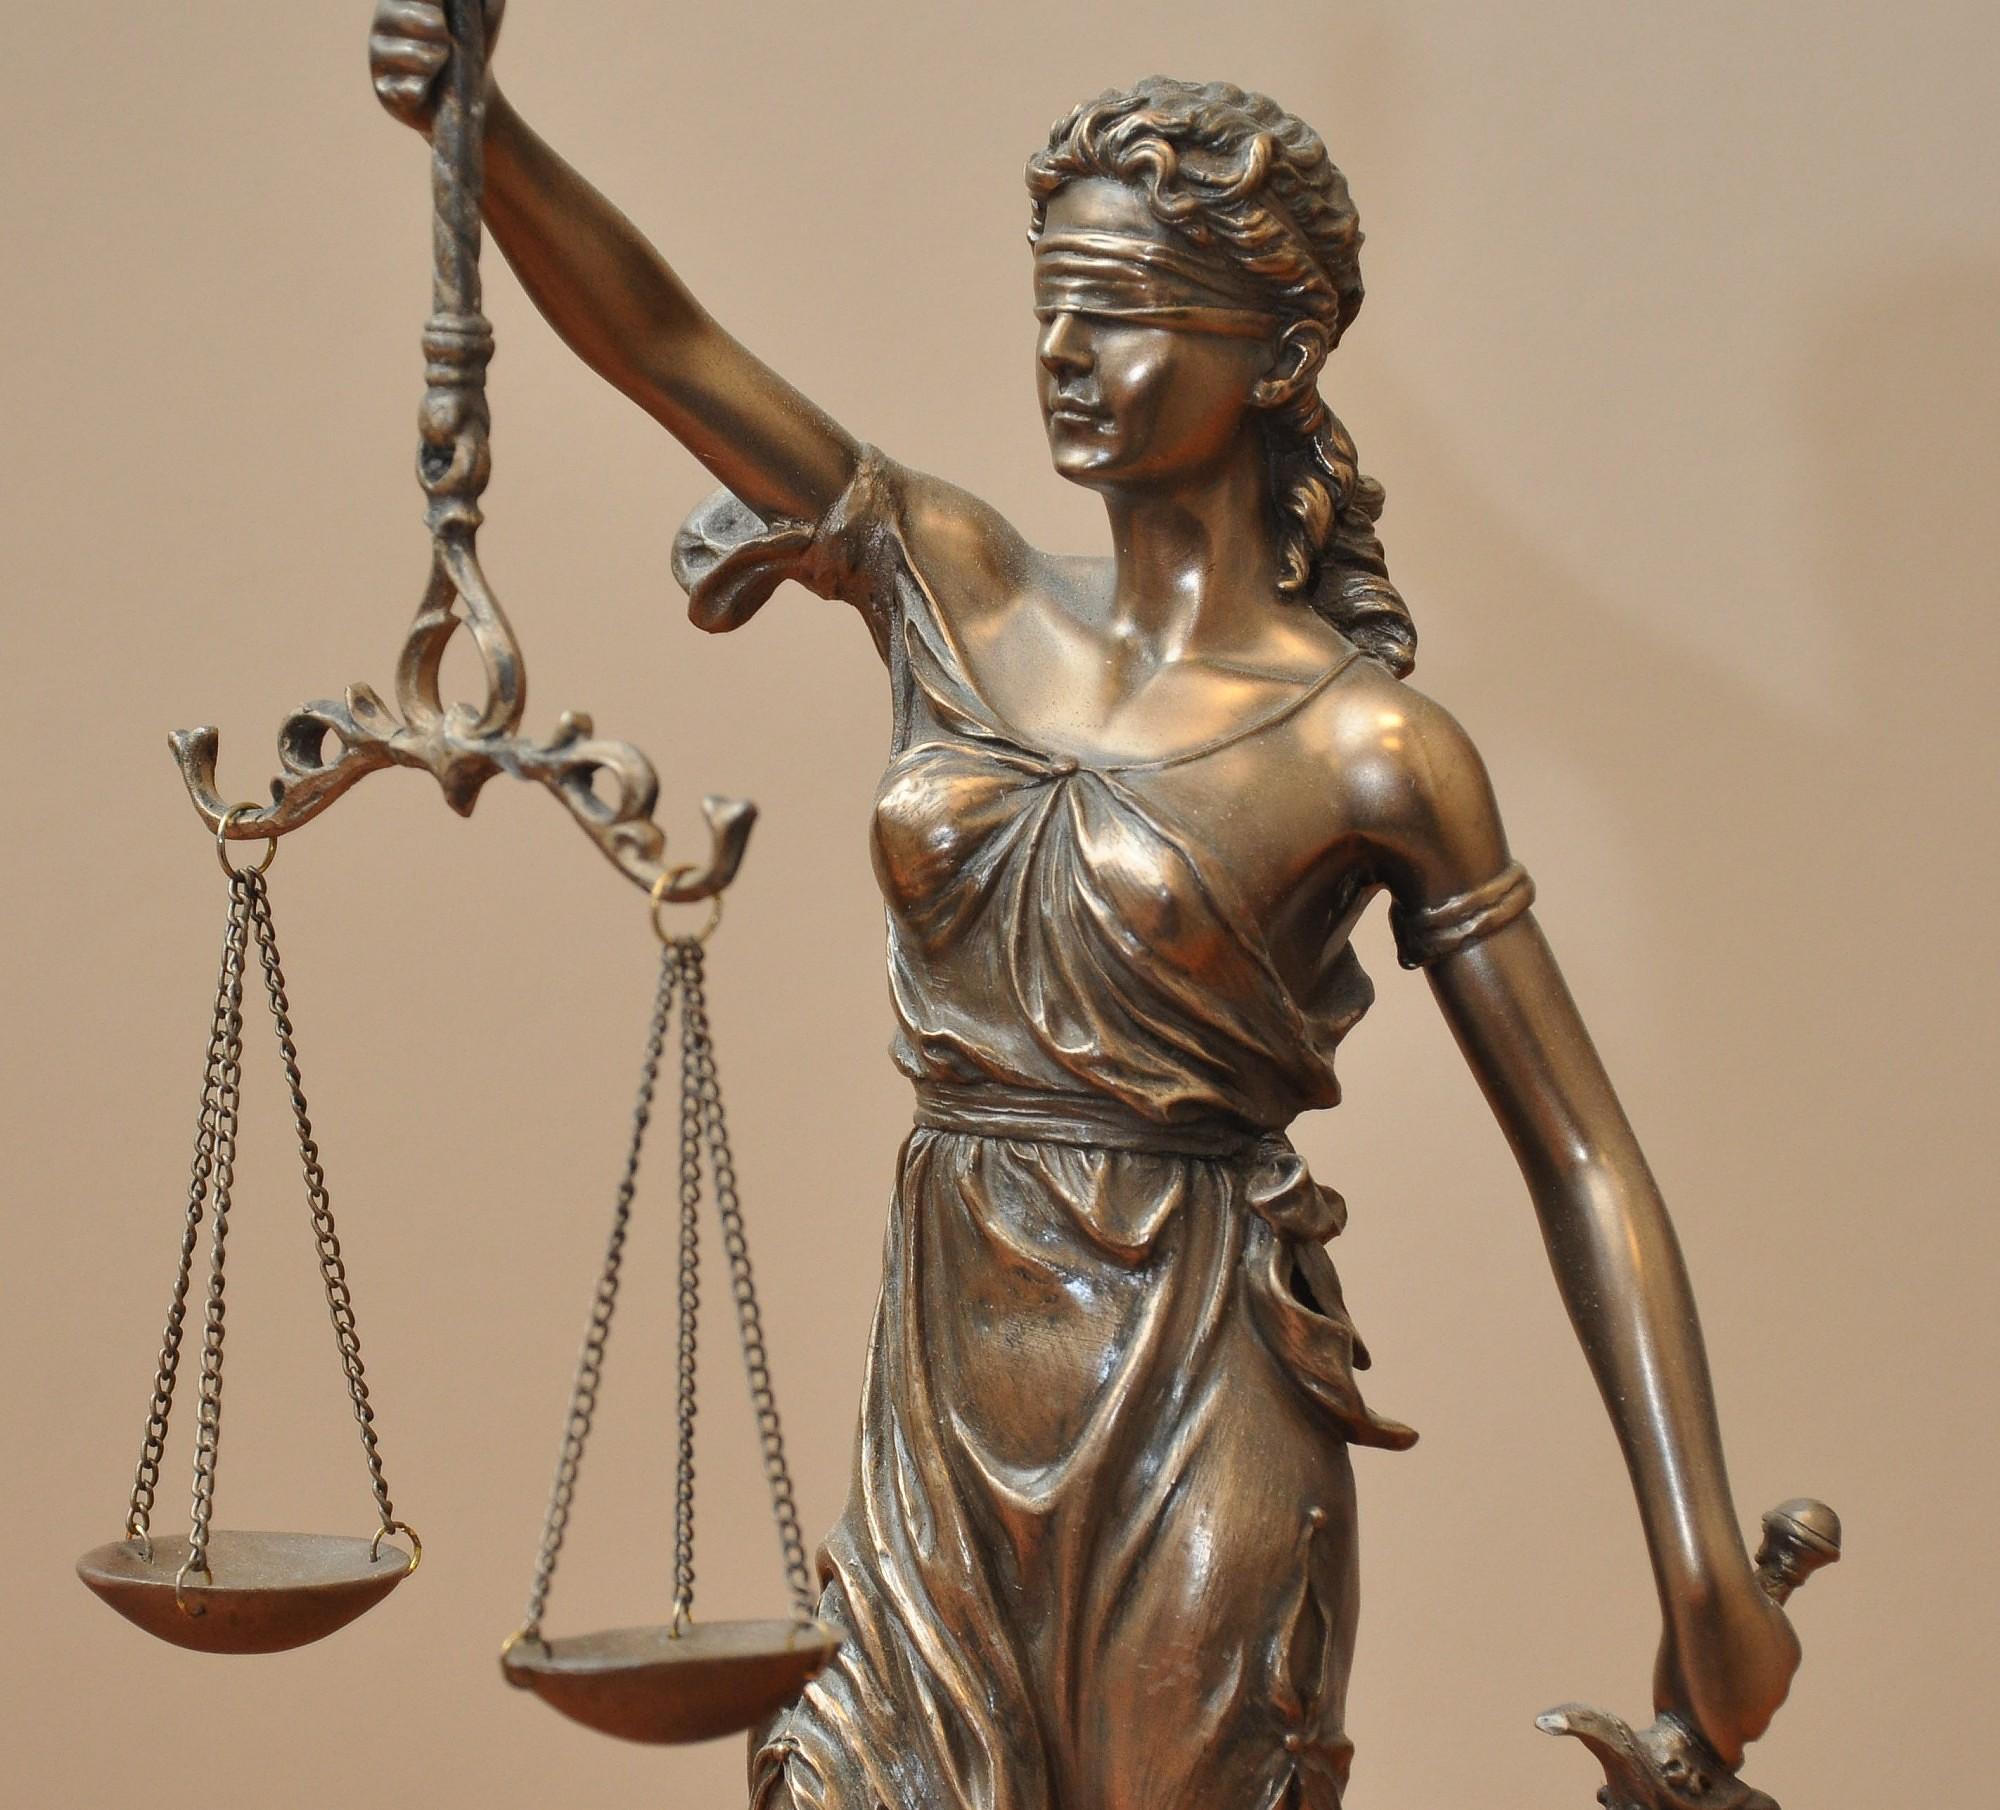 Верховный суд отменил приговор по делу лиепайских педофилов в части о наказании как необоснованный